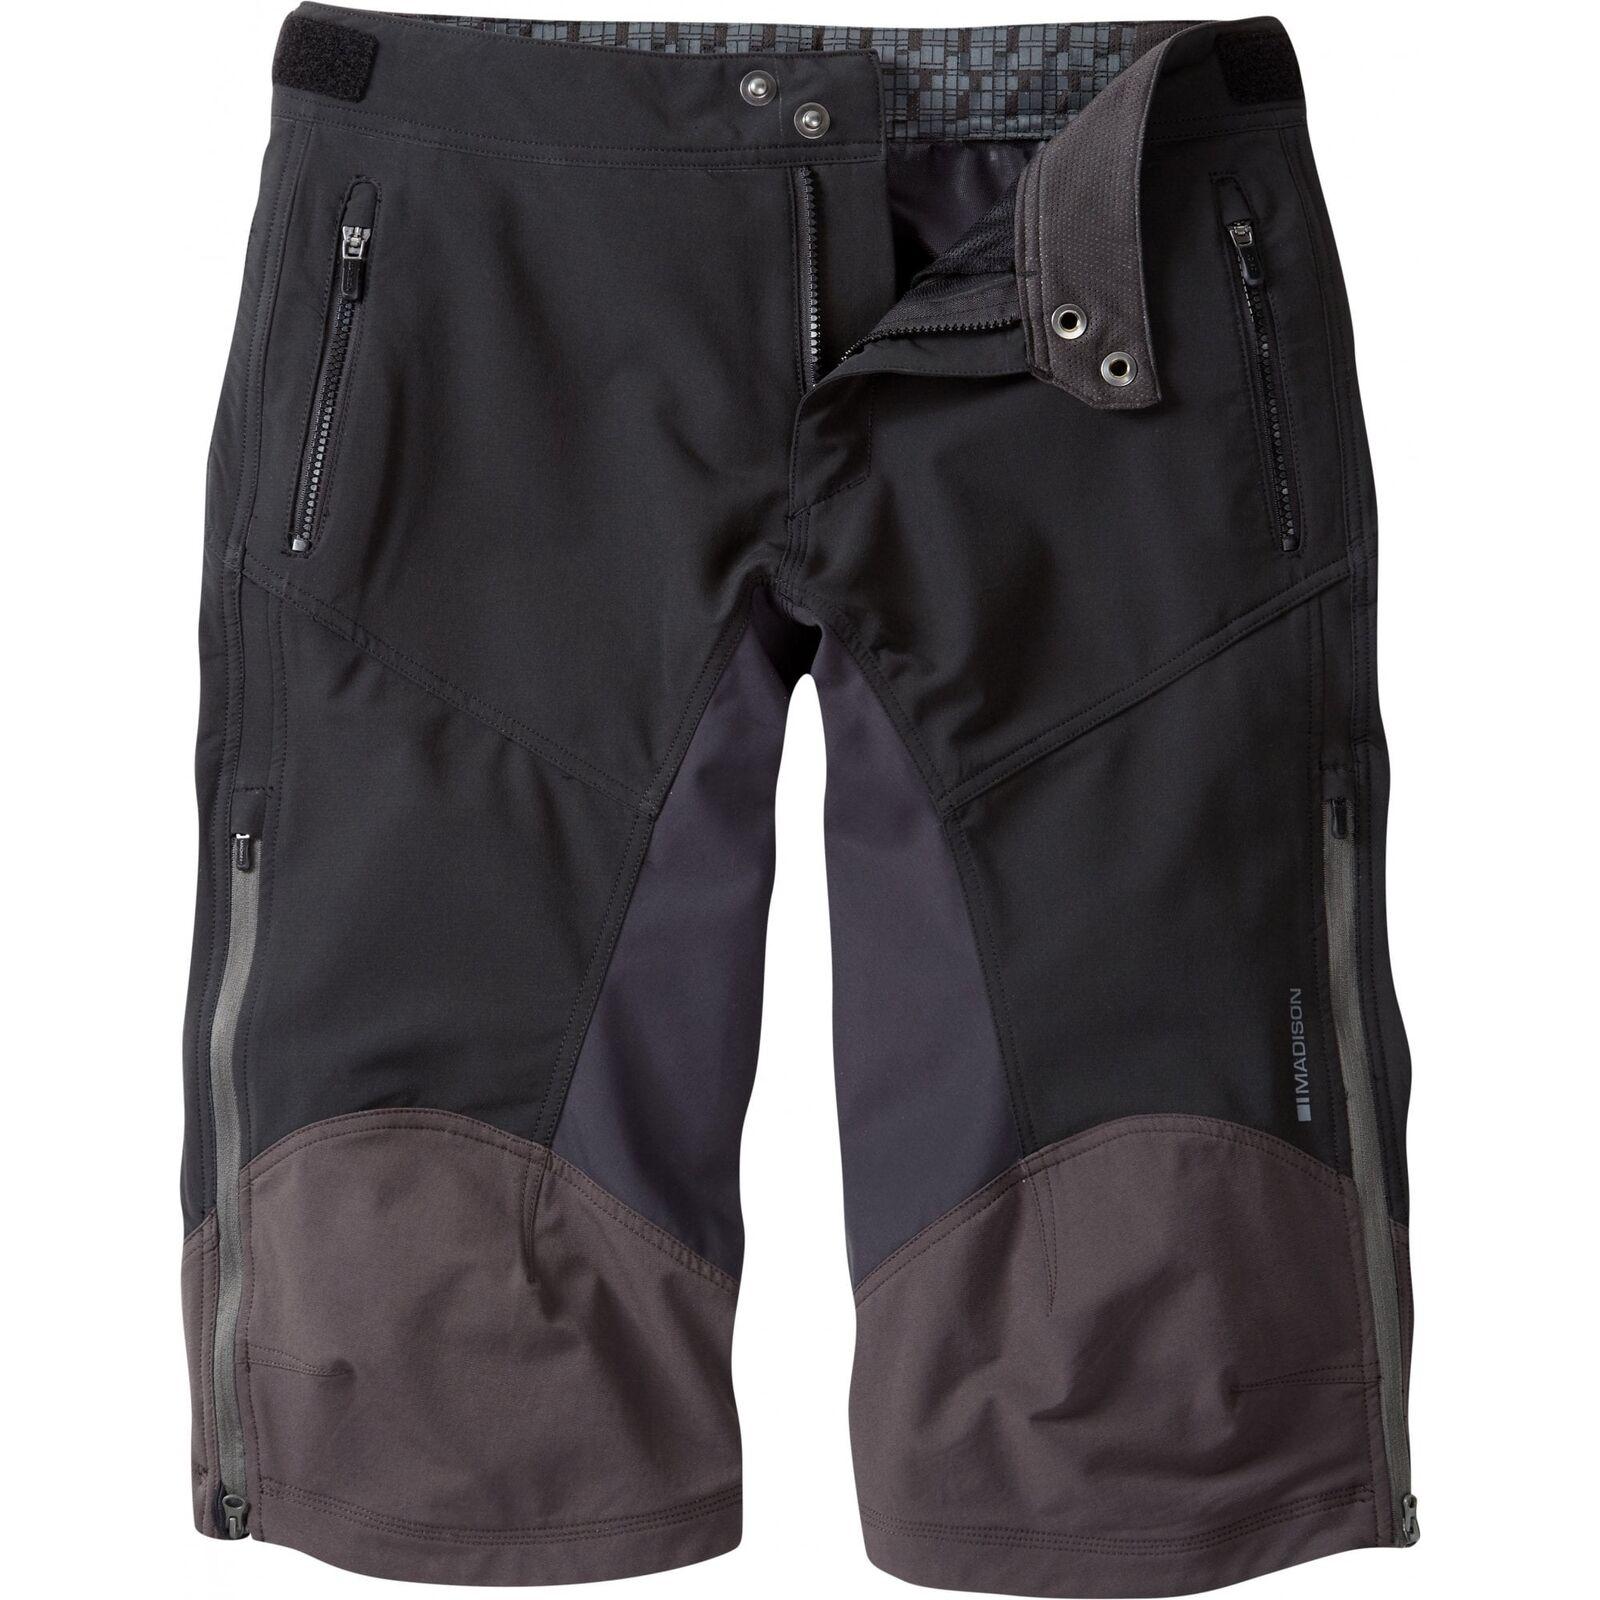 Madison Zenith Men's 4-Season DWR Shorts